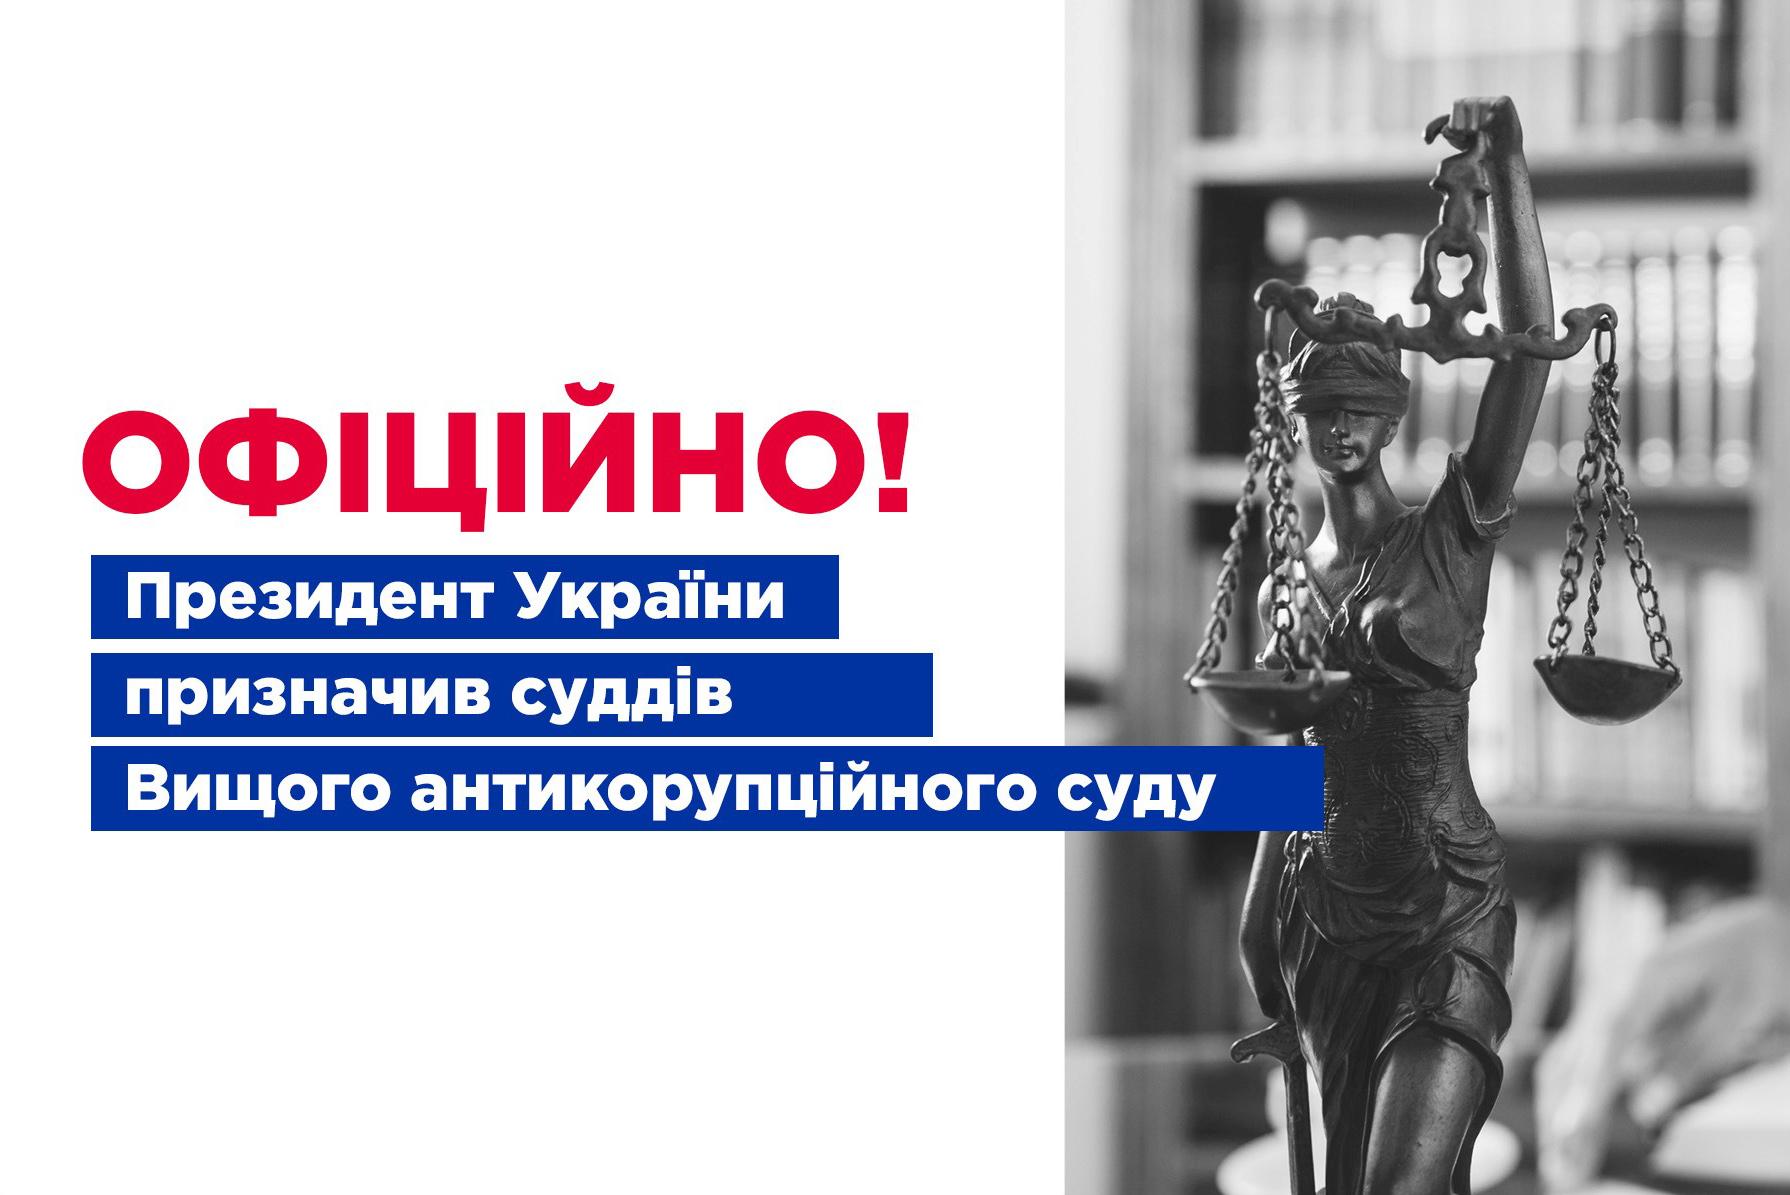 Президент України призначив суддів Вищого антикорупційного суду